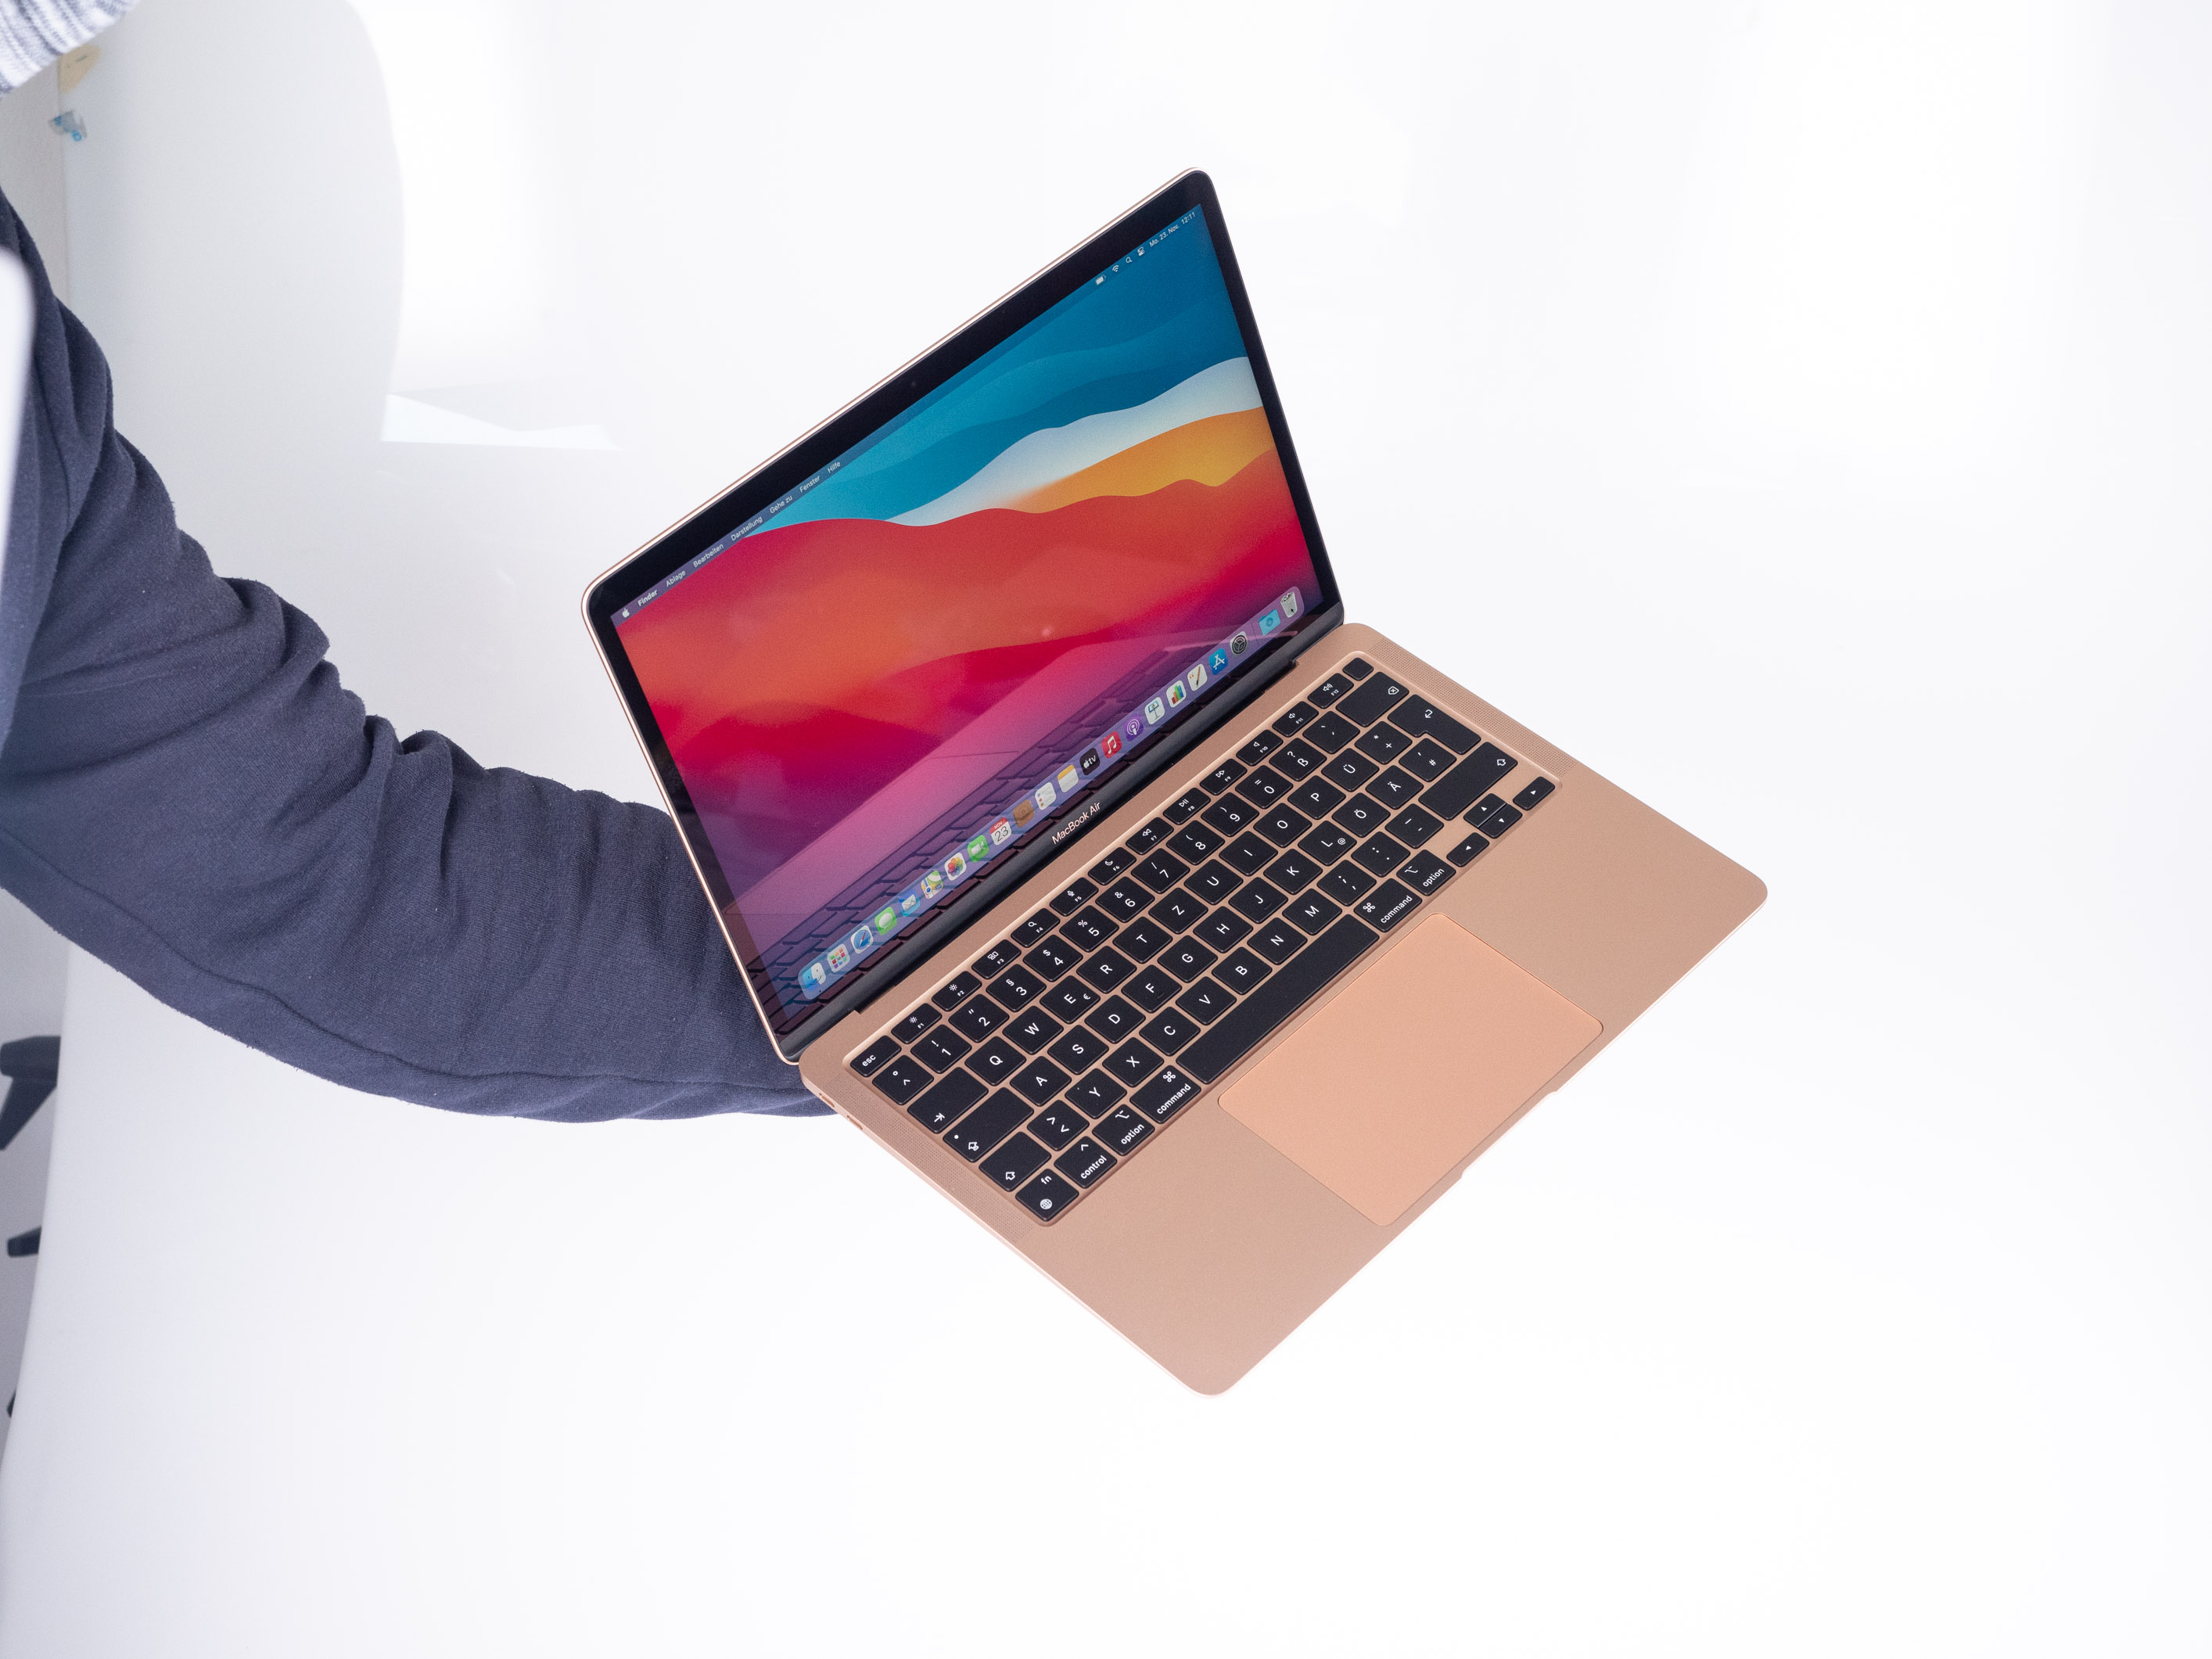 Macbook Air mit Apple Silicon im Test: Das beste Macbook braucht kein Intel -